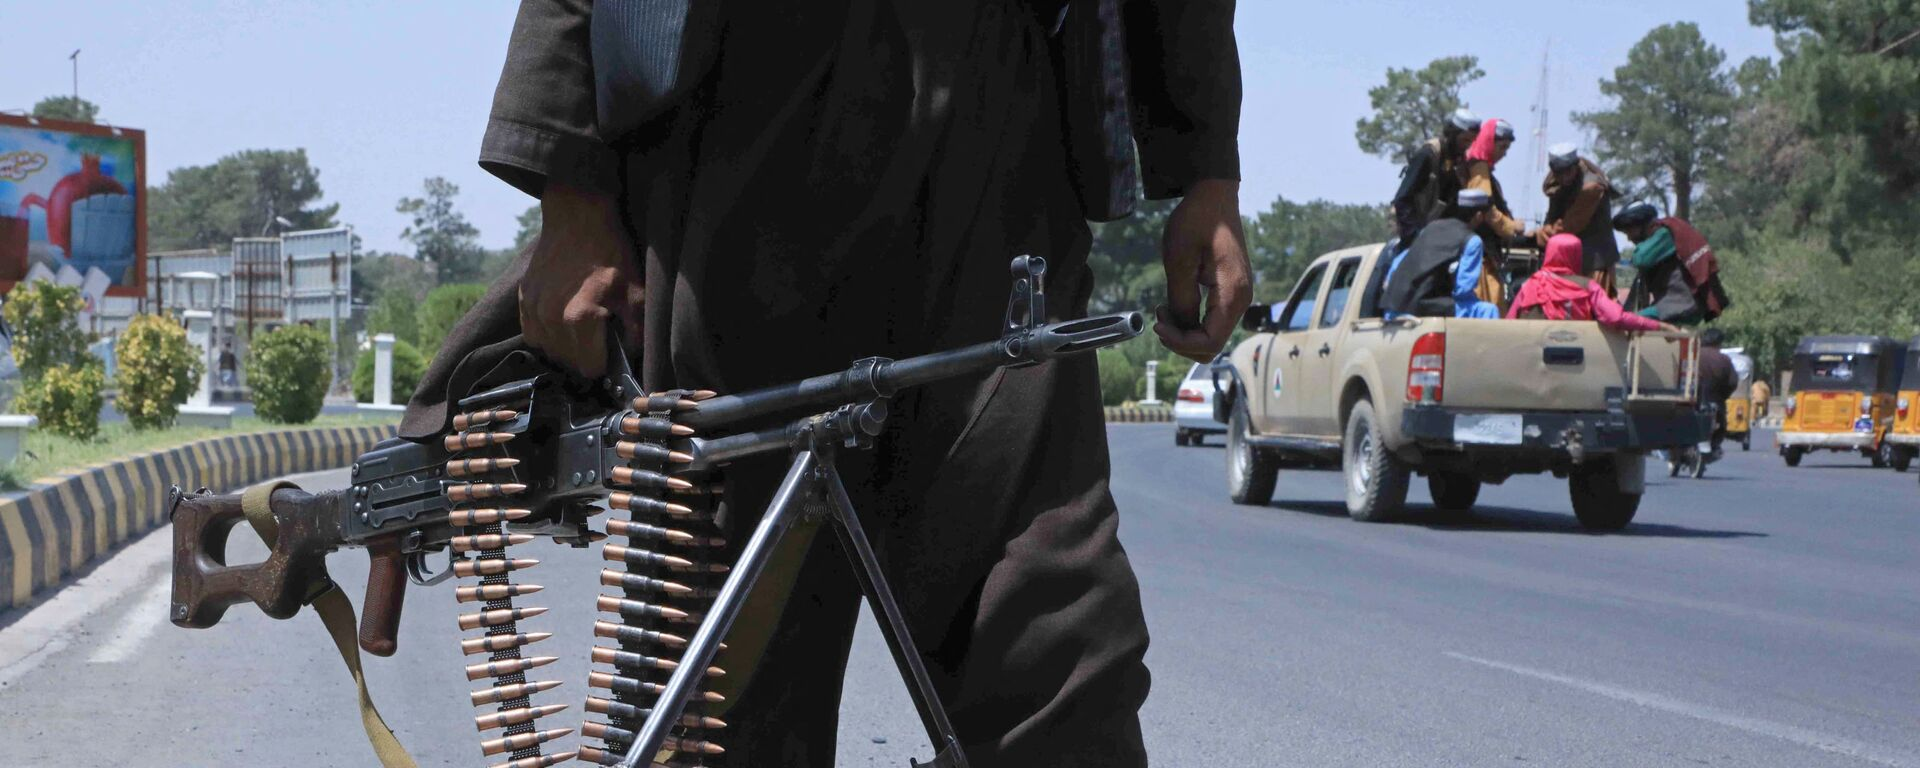 Боевик Талибана* на улице в афганском городе Герат - Sputnik Mundo, 1920, 16.08.2021